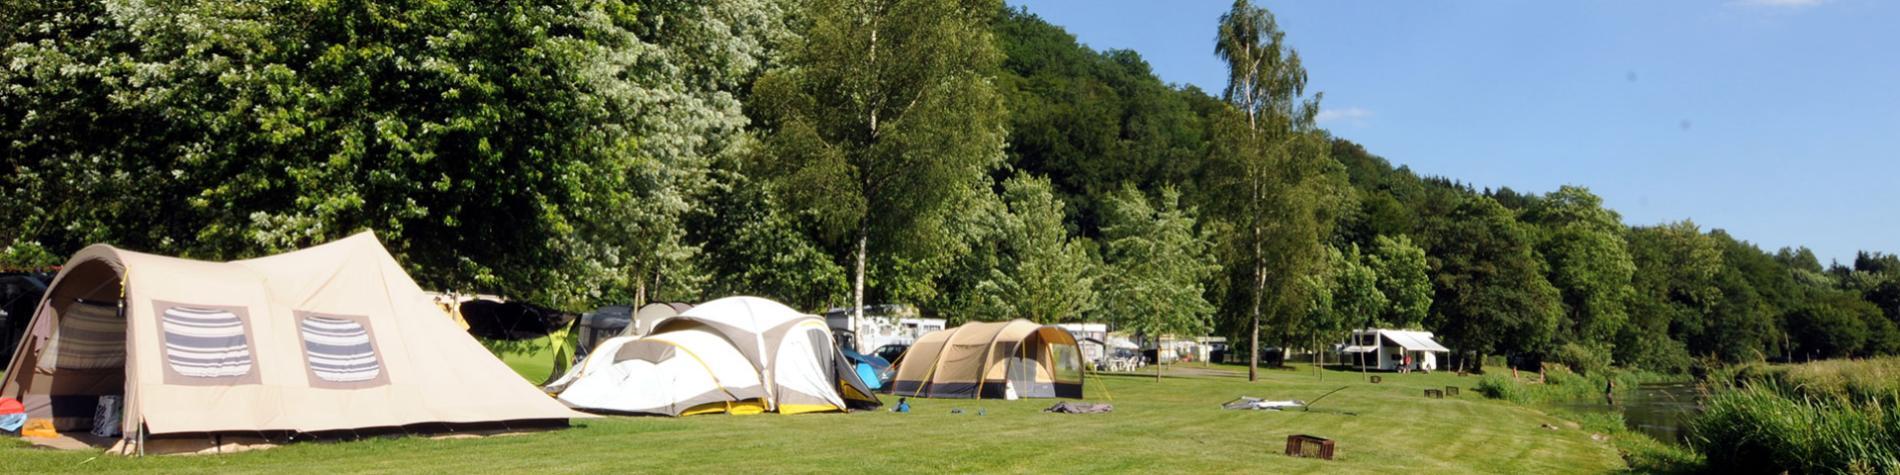 Camping - Saint-Remacle - Cugnon - emplacements avec prise de courant - aire pour motorhomes - plaine de jeux - taverne - boulangerie - service de rôtisserie